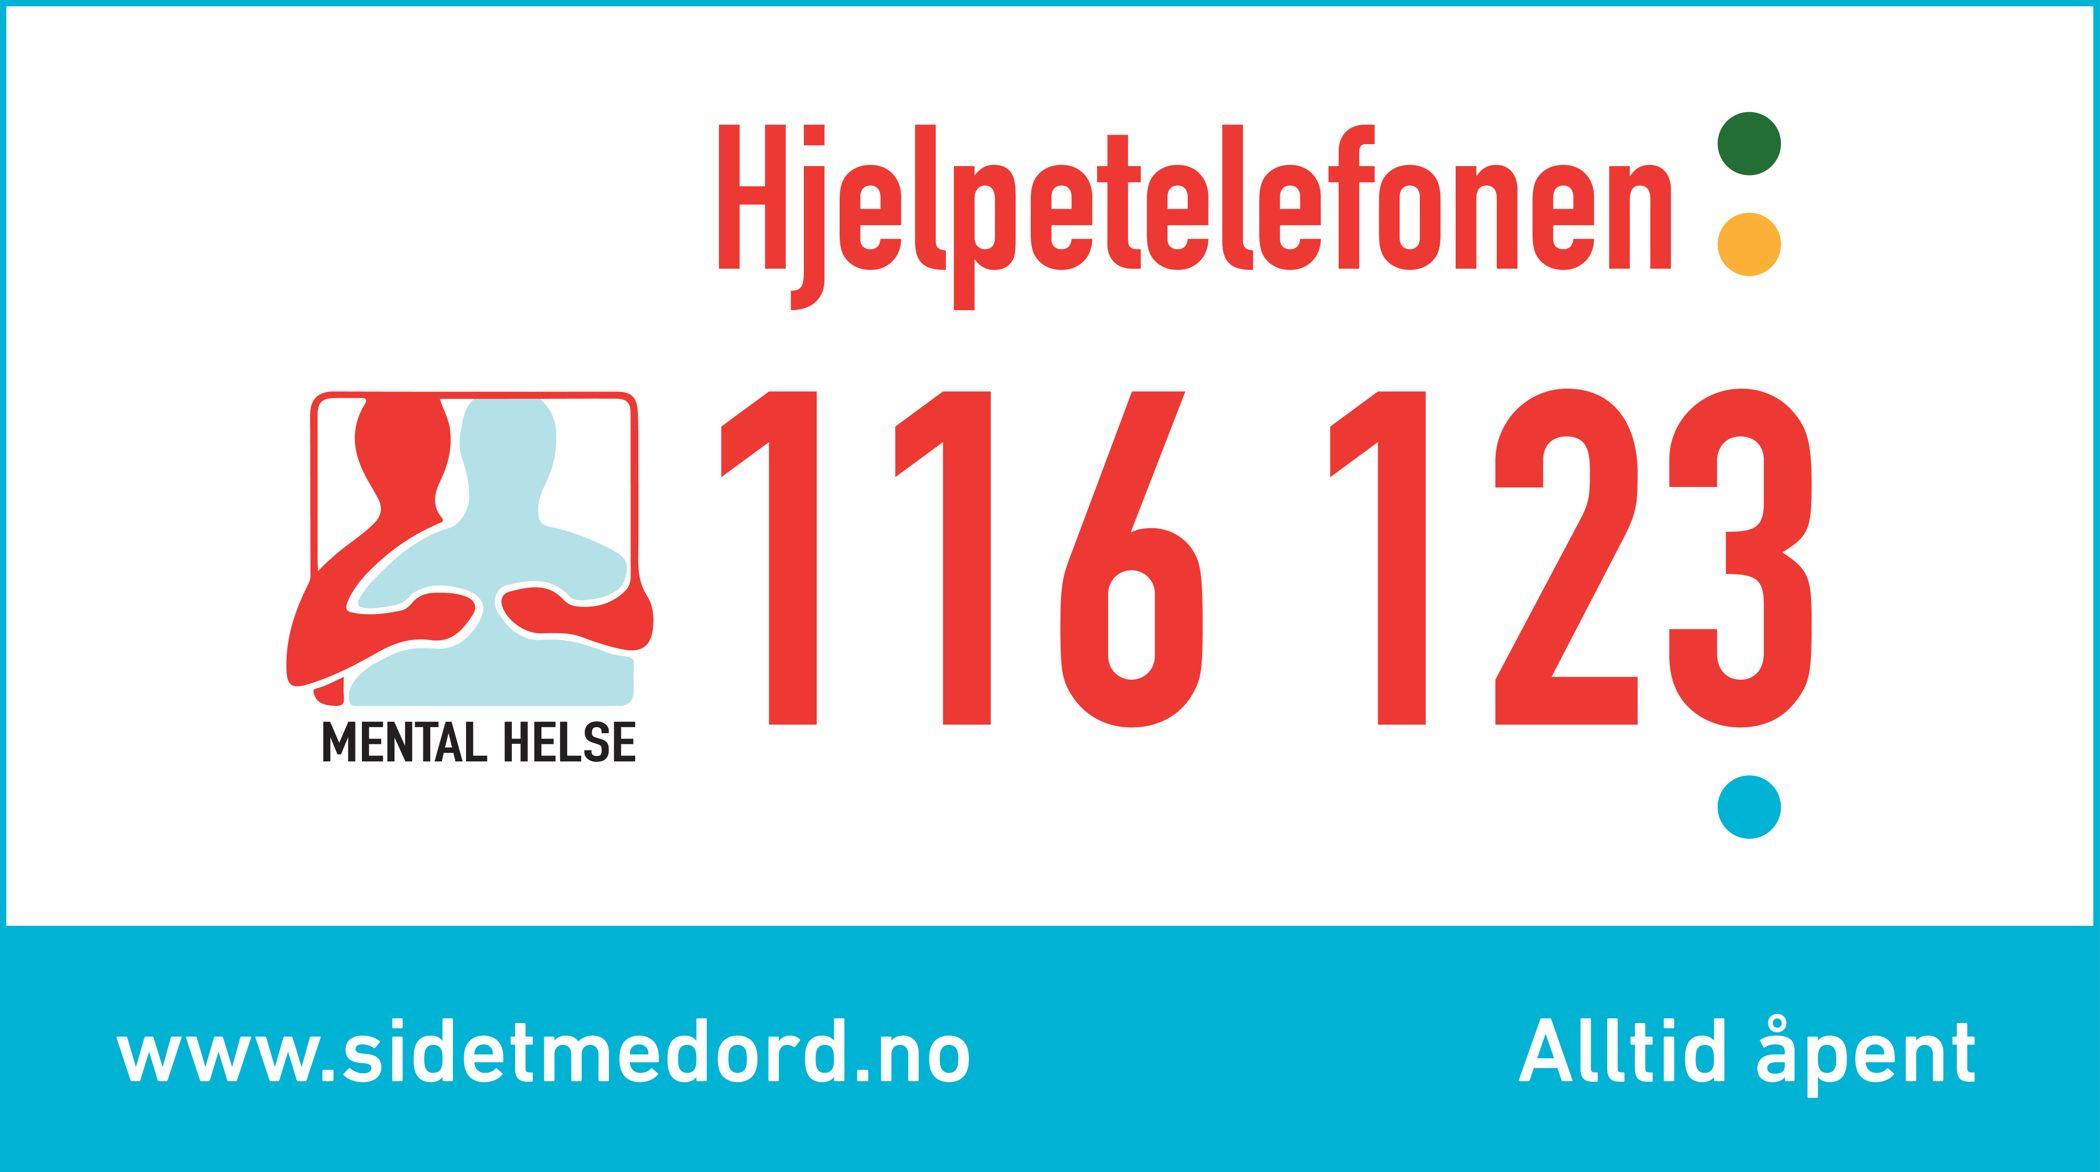 Logo - annonse Hjelpetelefonen s.m.o.jpg